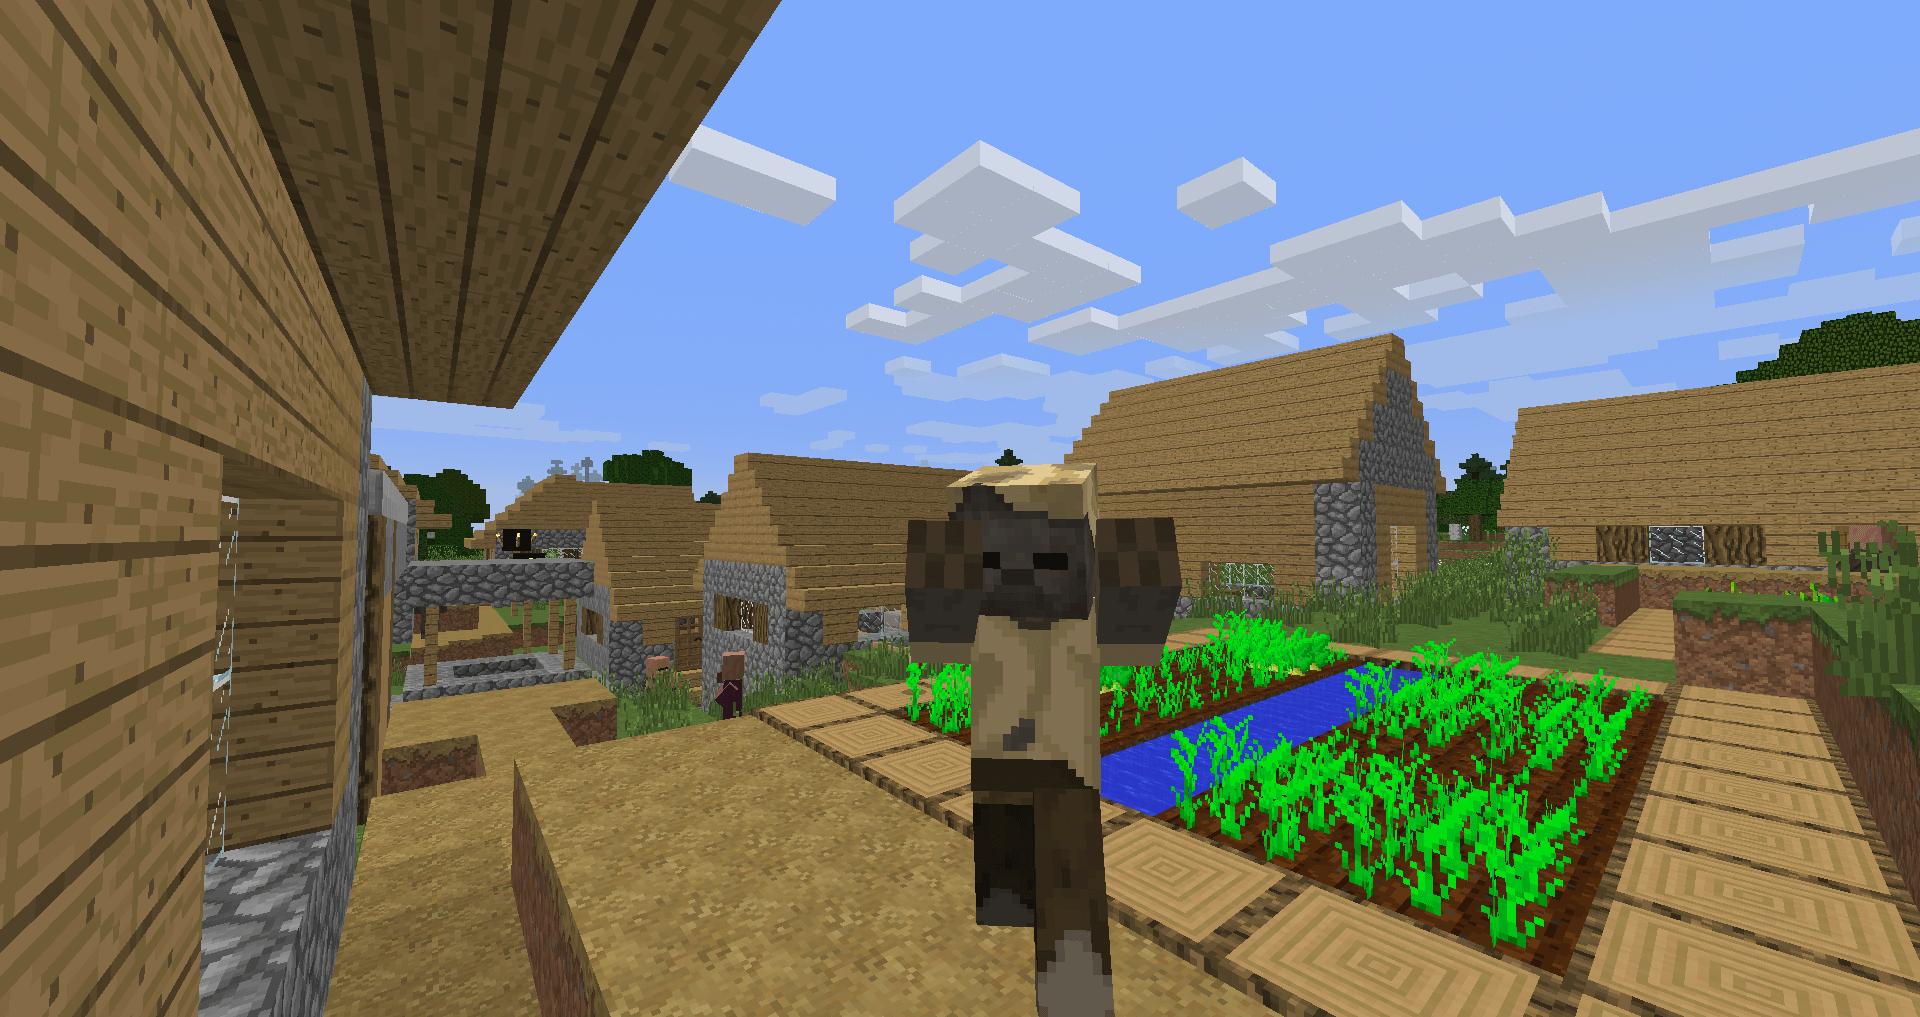 Faithful - Texture Pack Minecraft 1 13, 1 12 2, 1 8, 1 7 10